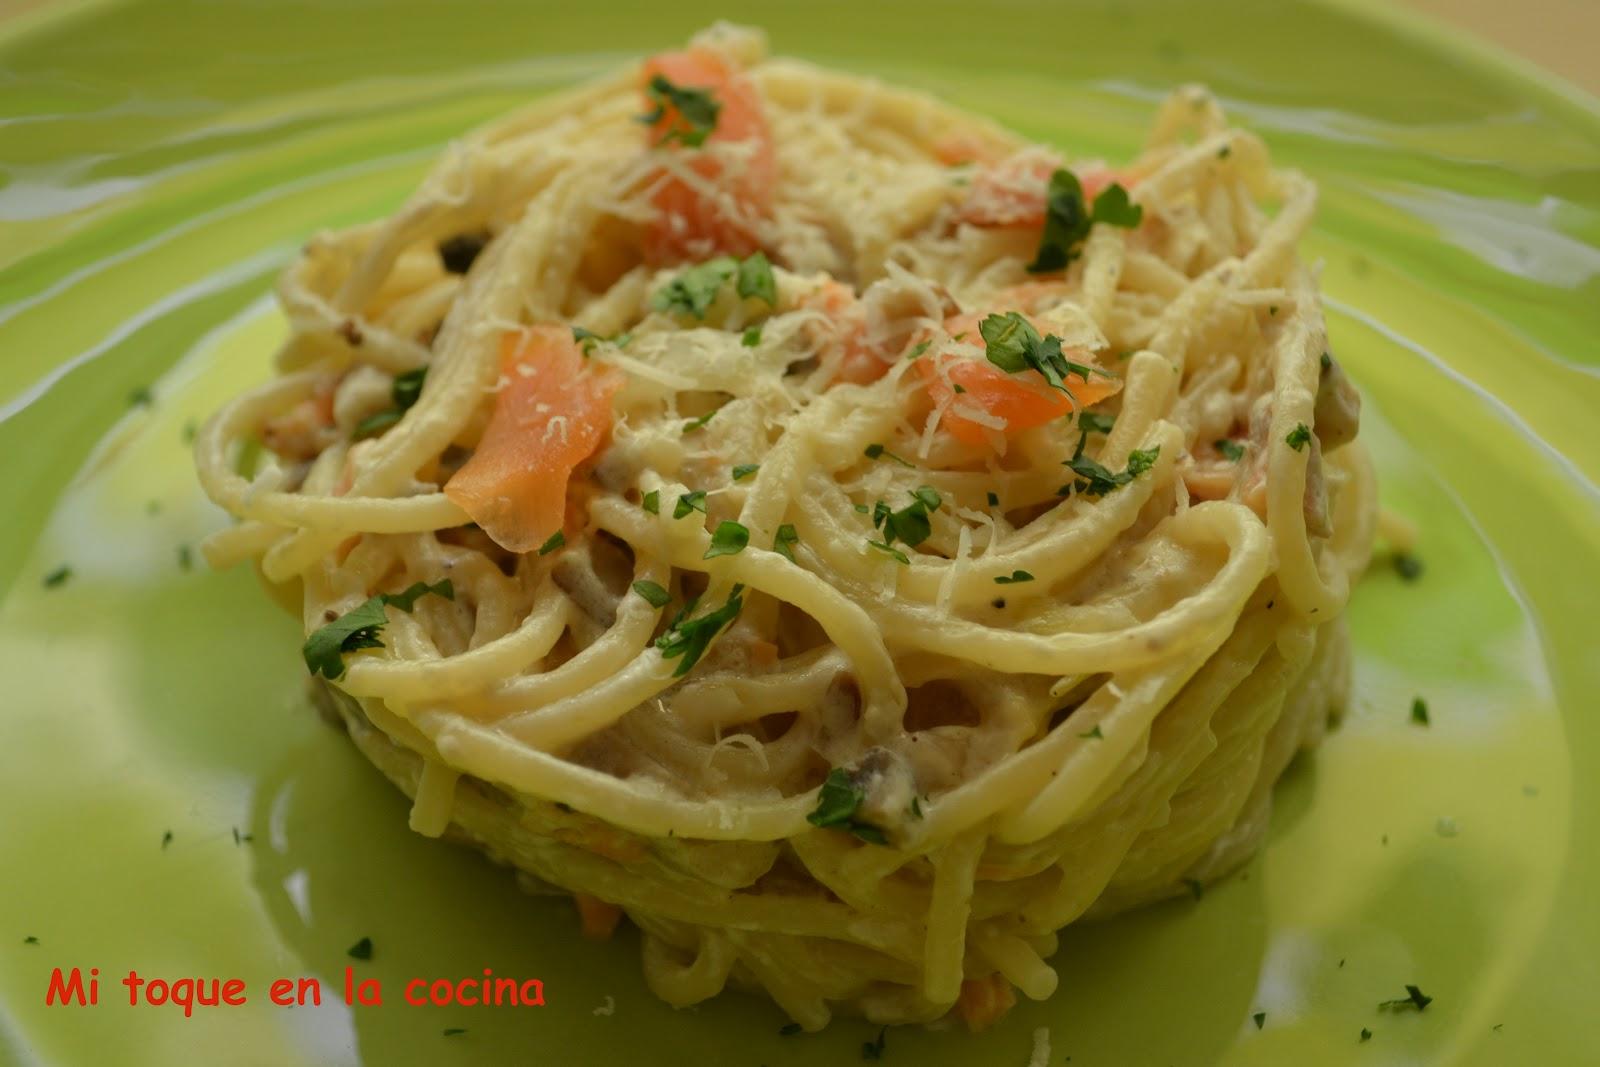 Mi toque en la cocina espaguetis con salm n y champi ones for Espaguetis para dos